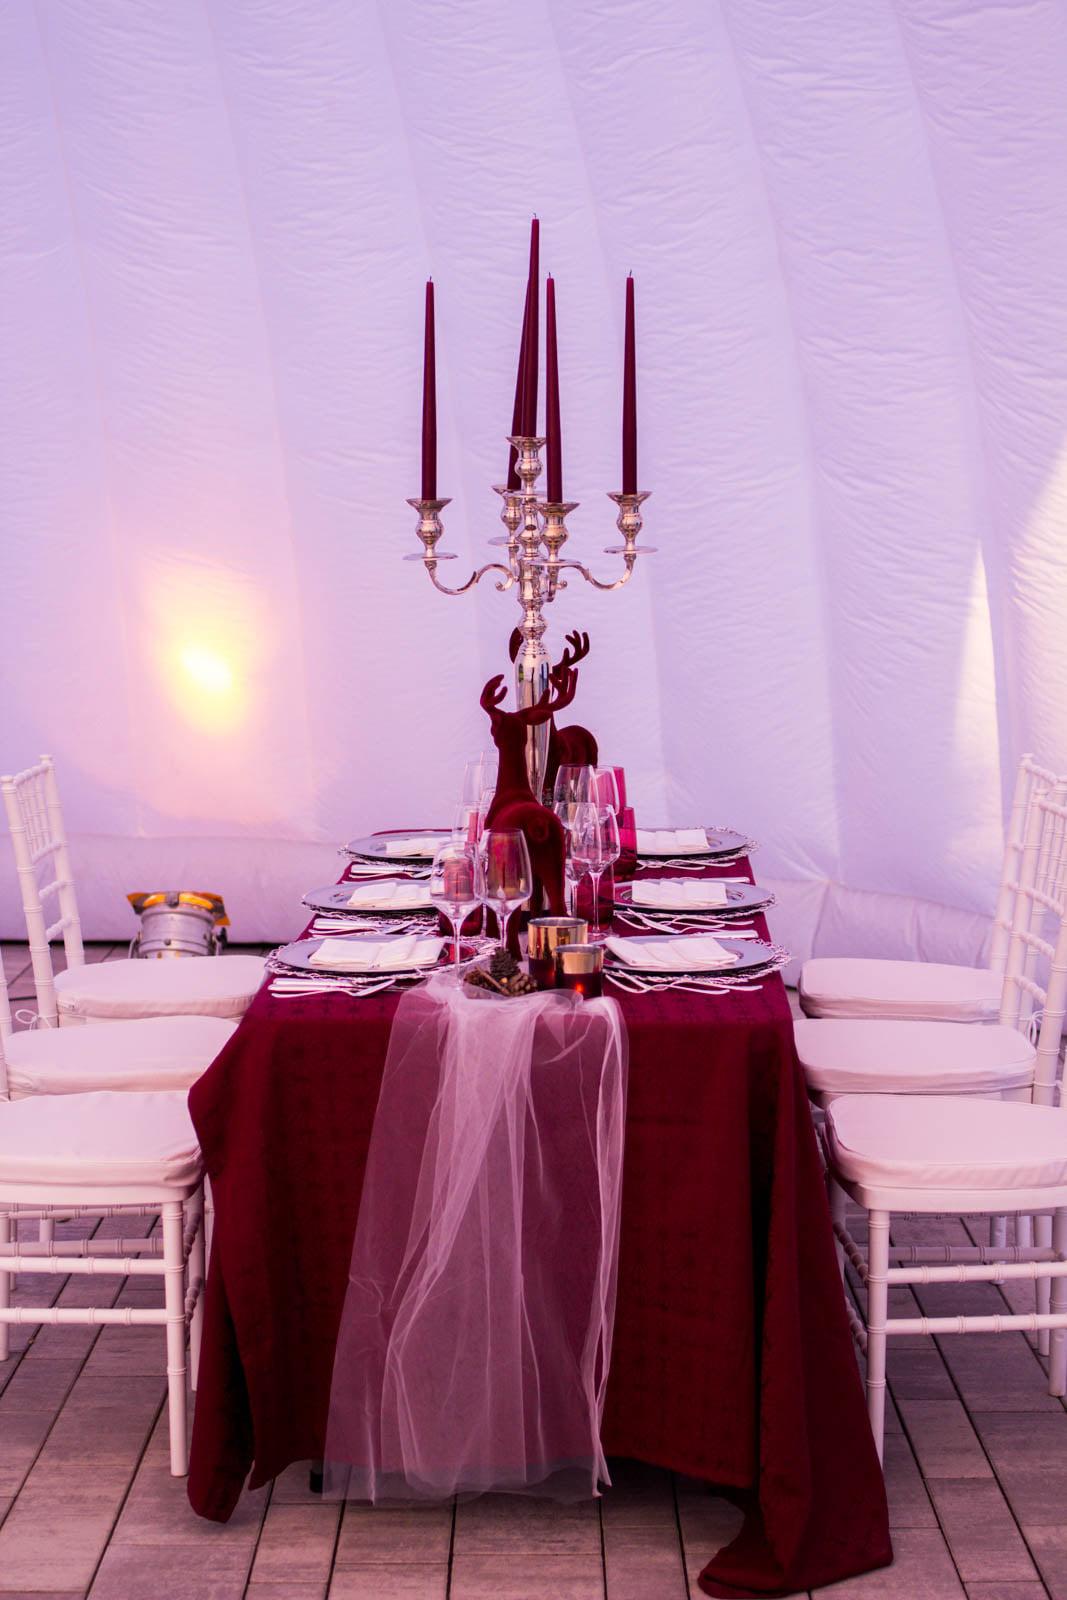 Weihnachtsfeier im Zelt oder Dome